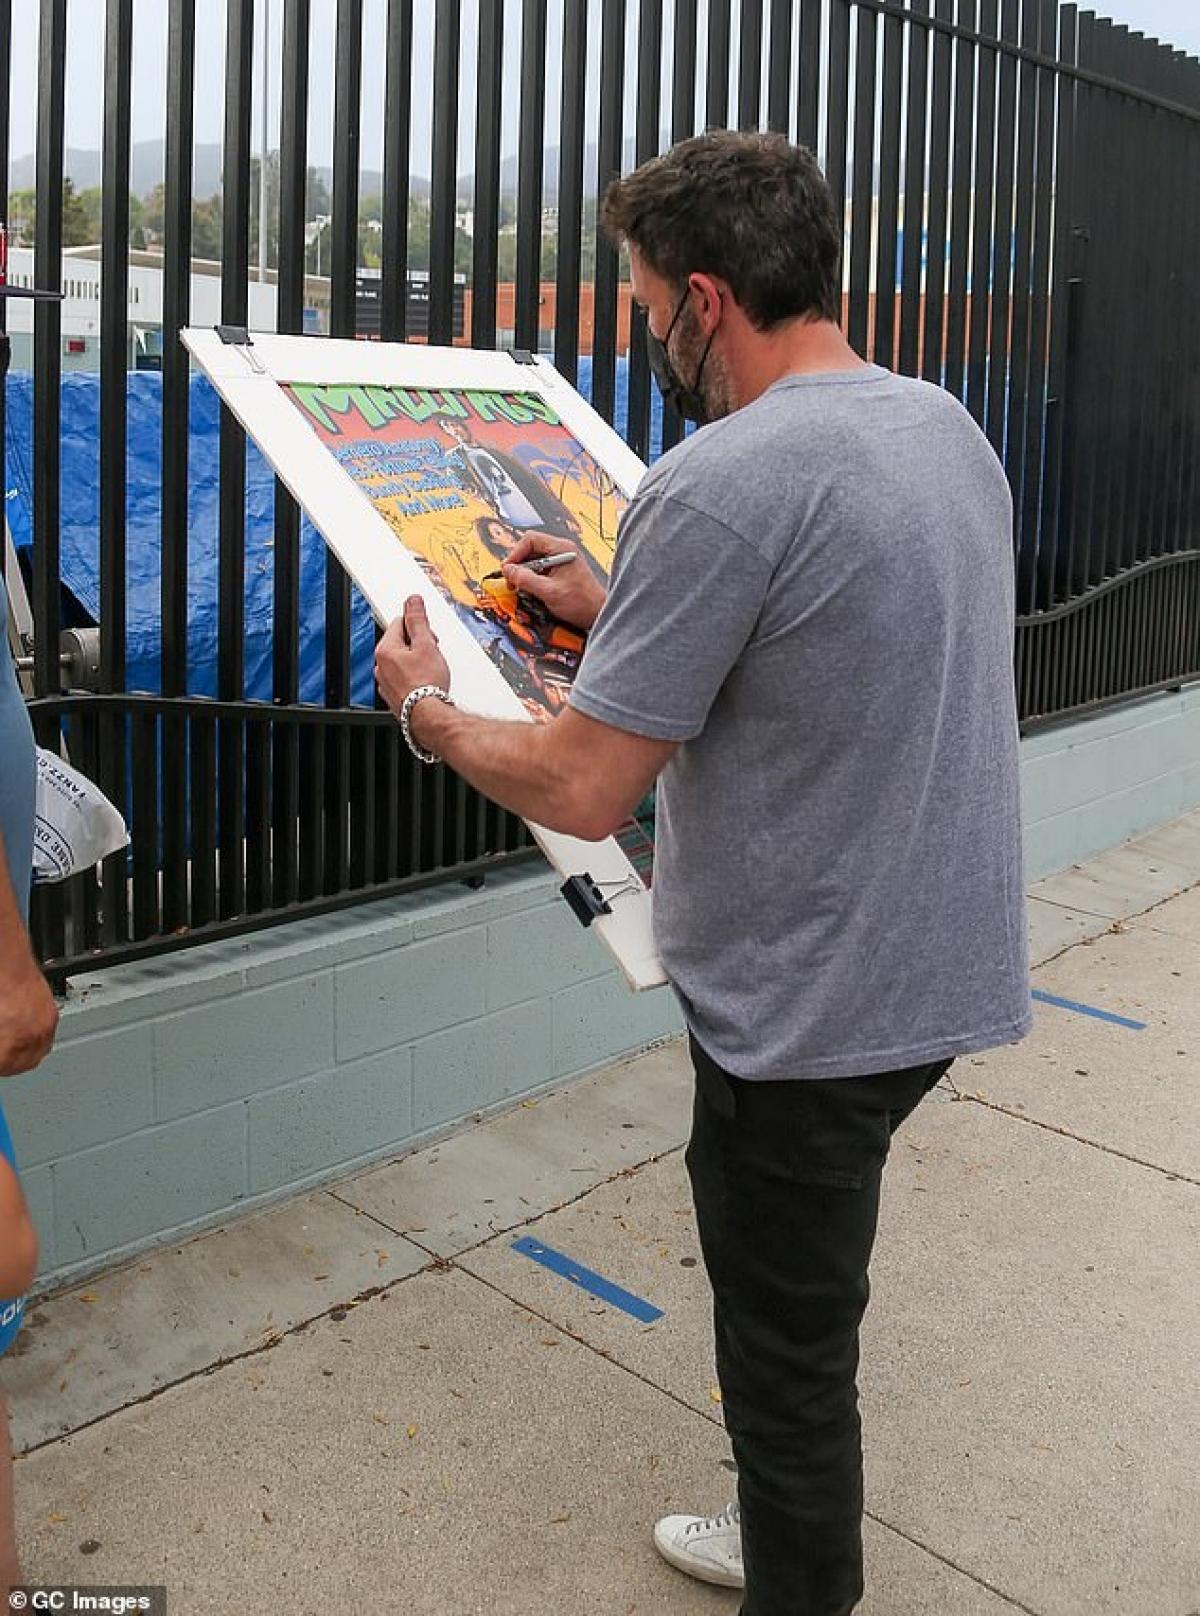 Trước đó, Jennifer Lopez và Ben Affleck cũng bị cánh săn ảnh bắt gặp đi nghỉ dưỡng trong một khách sạn tại Miami (Mỹ). Cặp đôi tay trong tay xuất hiện ở sân bay và cùng nhau trở về Los Angeles sau chuyến du lịch.